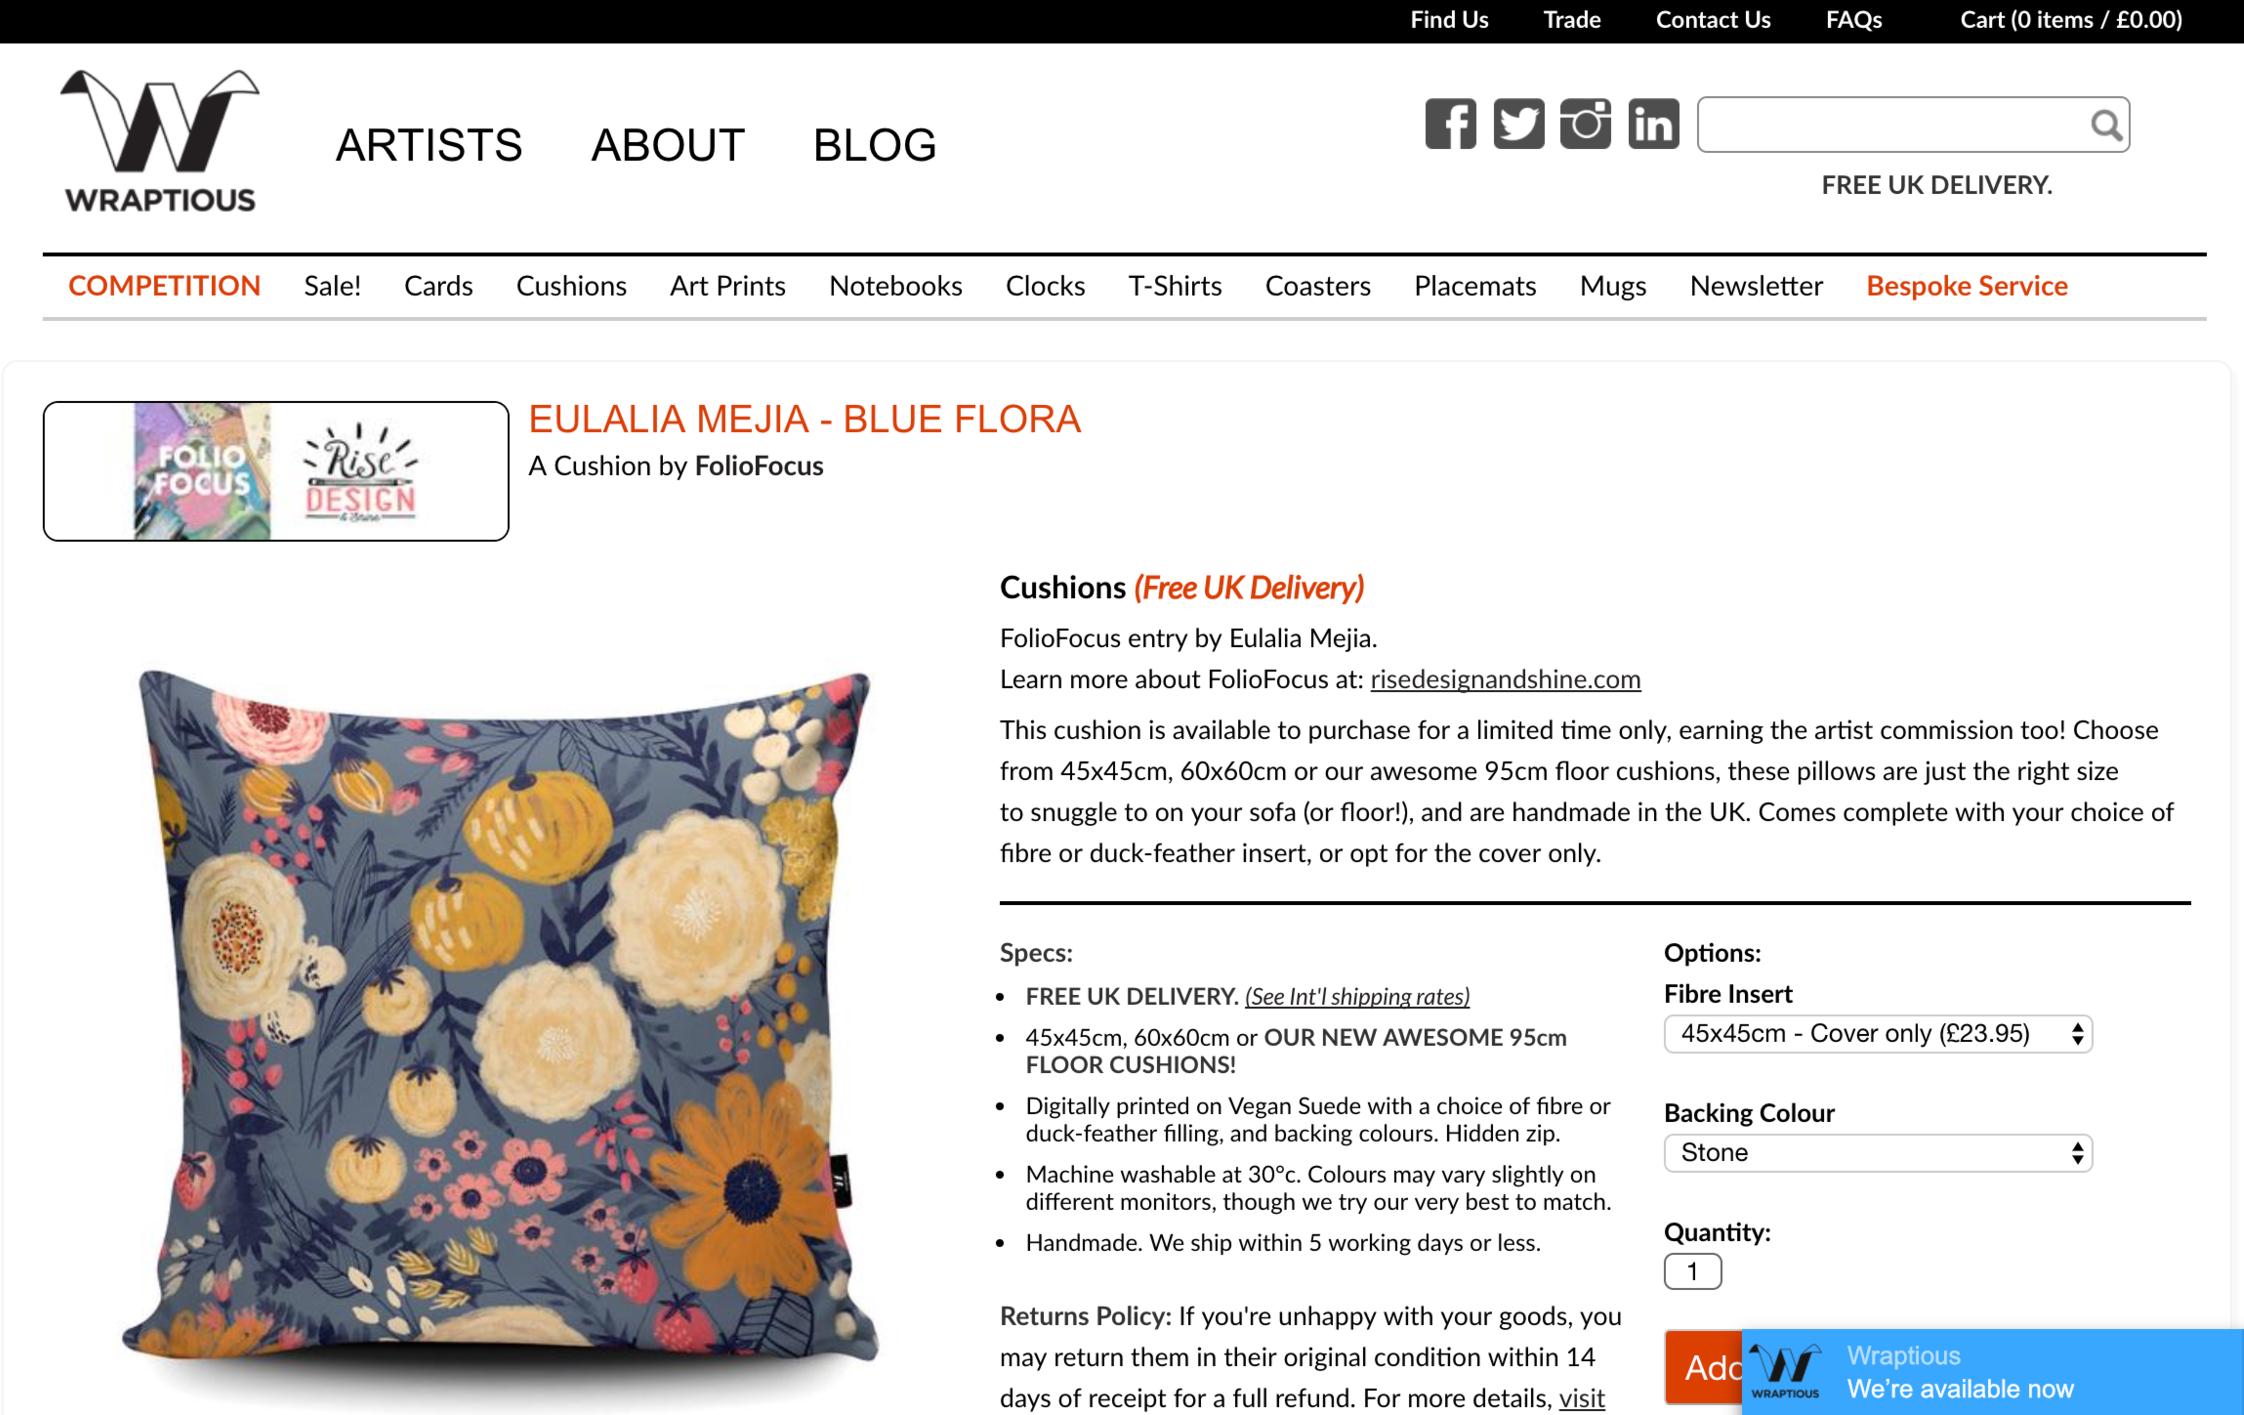 Eulalia Mejia - Blue Flora Wraptious FolioFocus Submission 2017